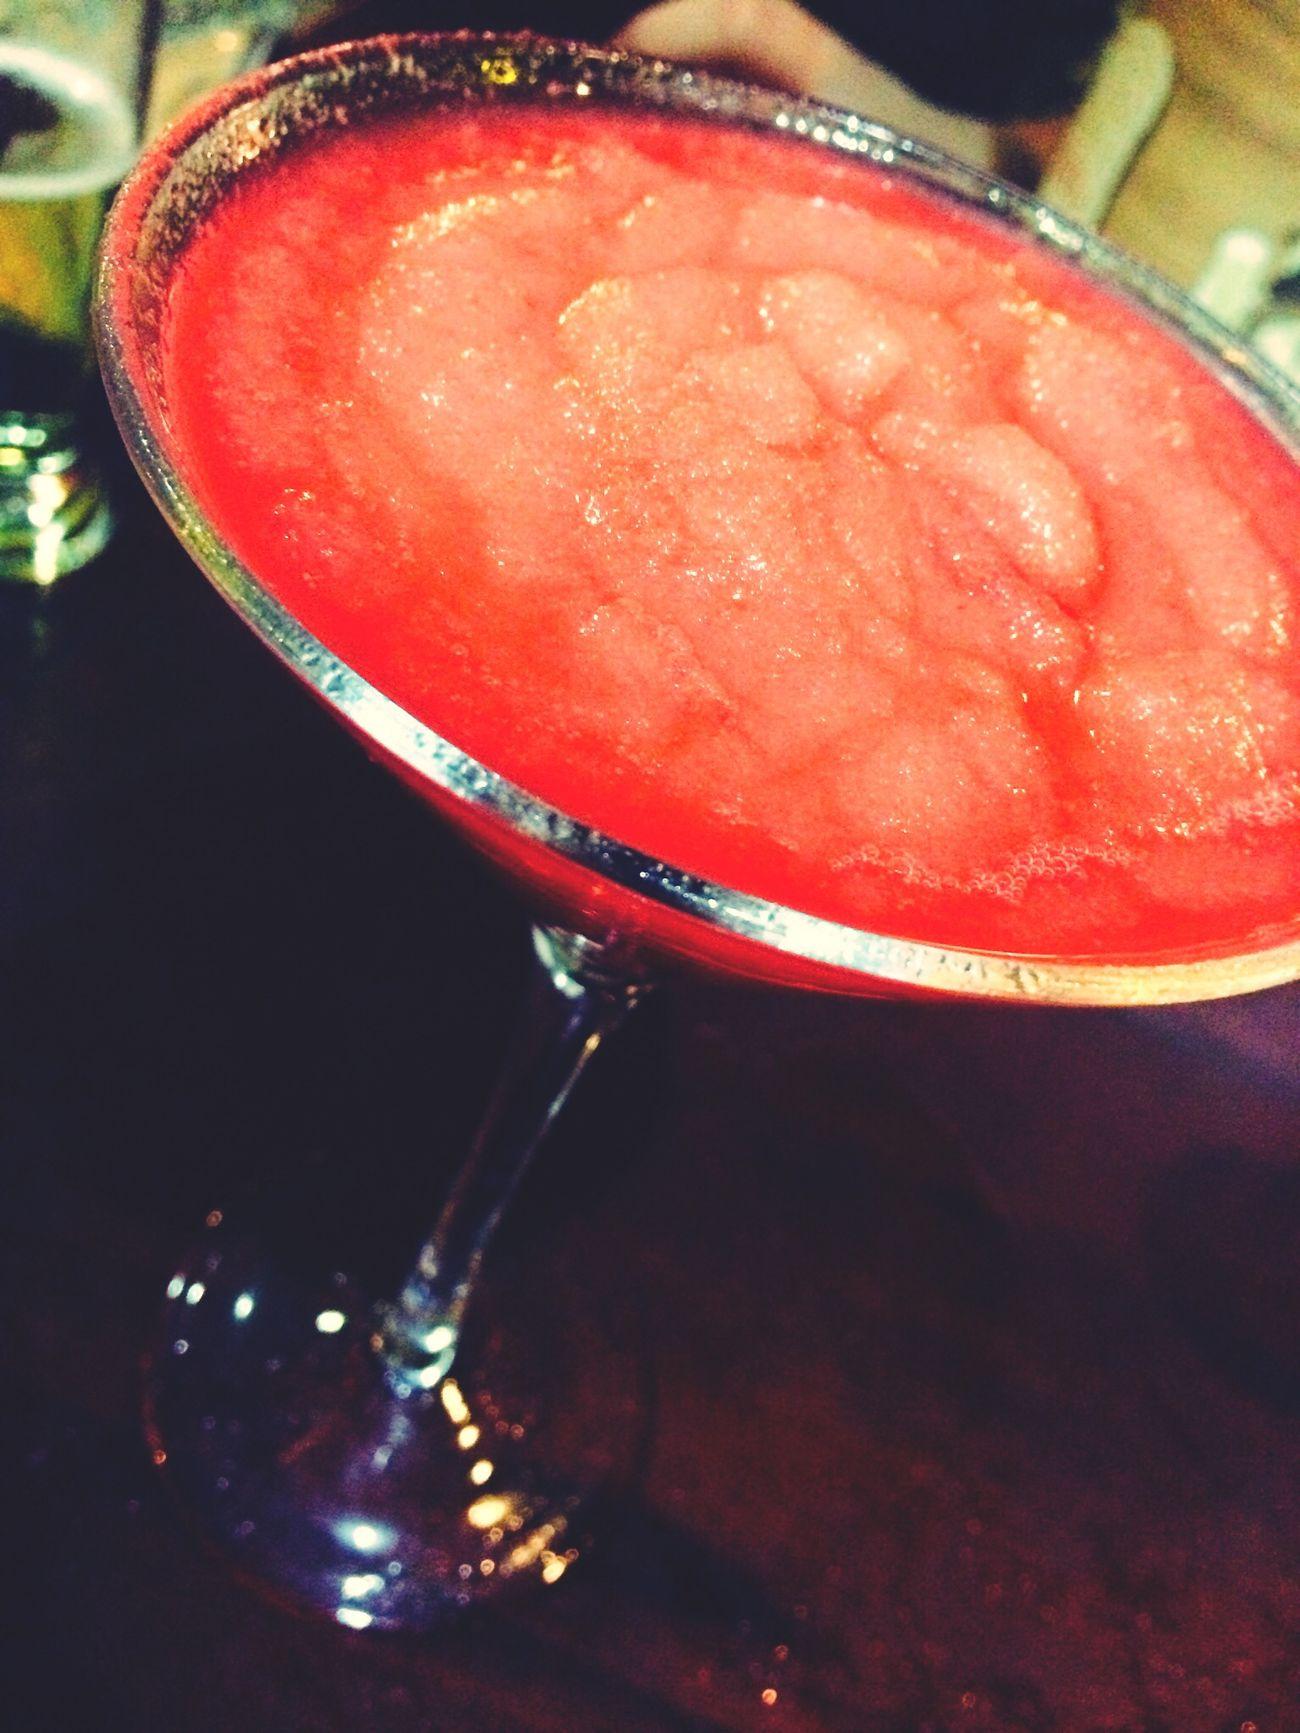 Drink Cherry Candy Pop Art